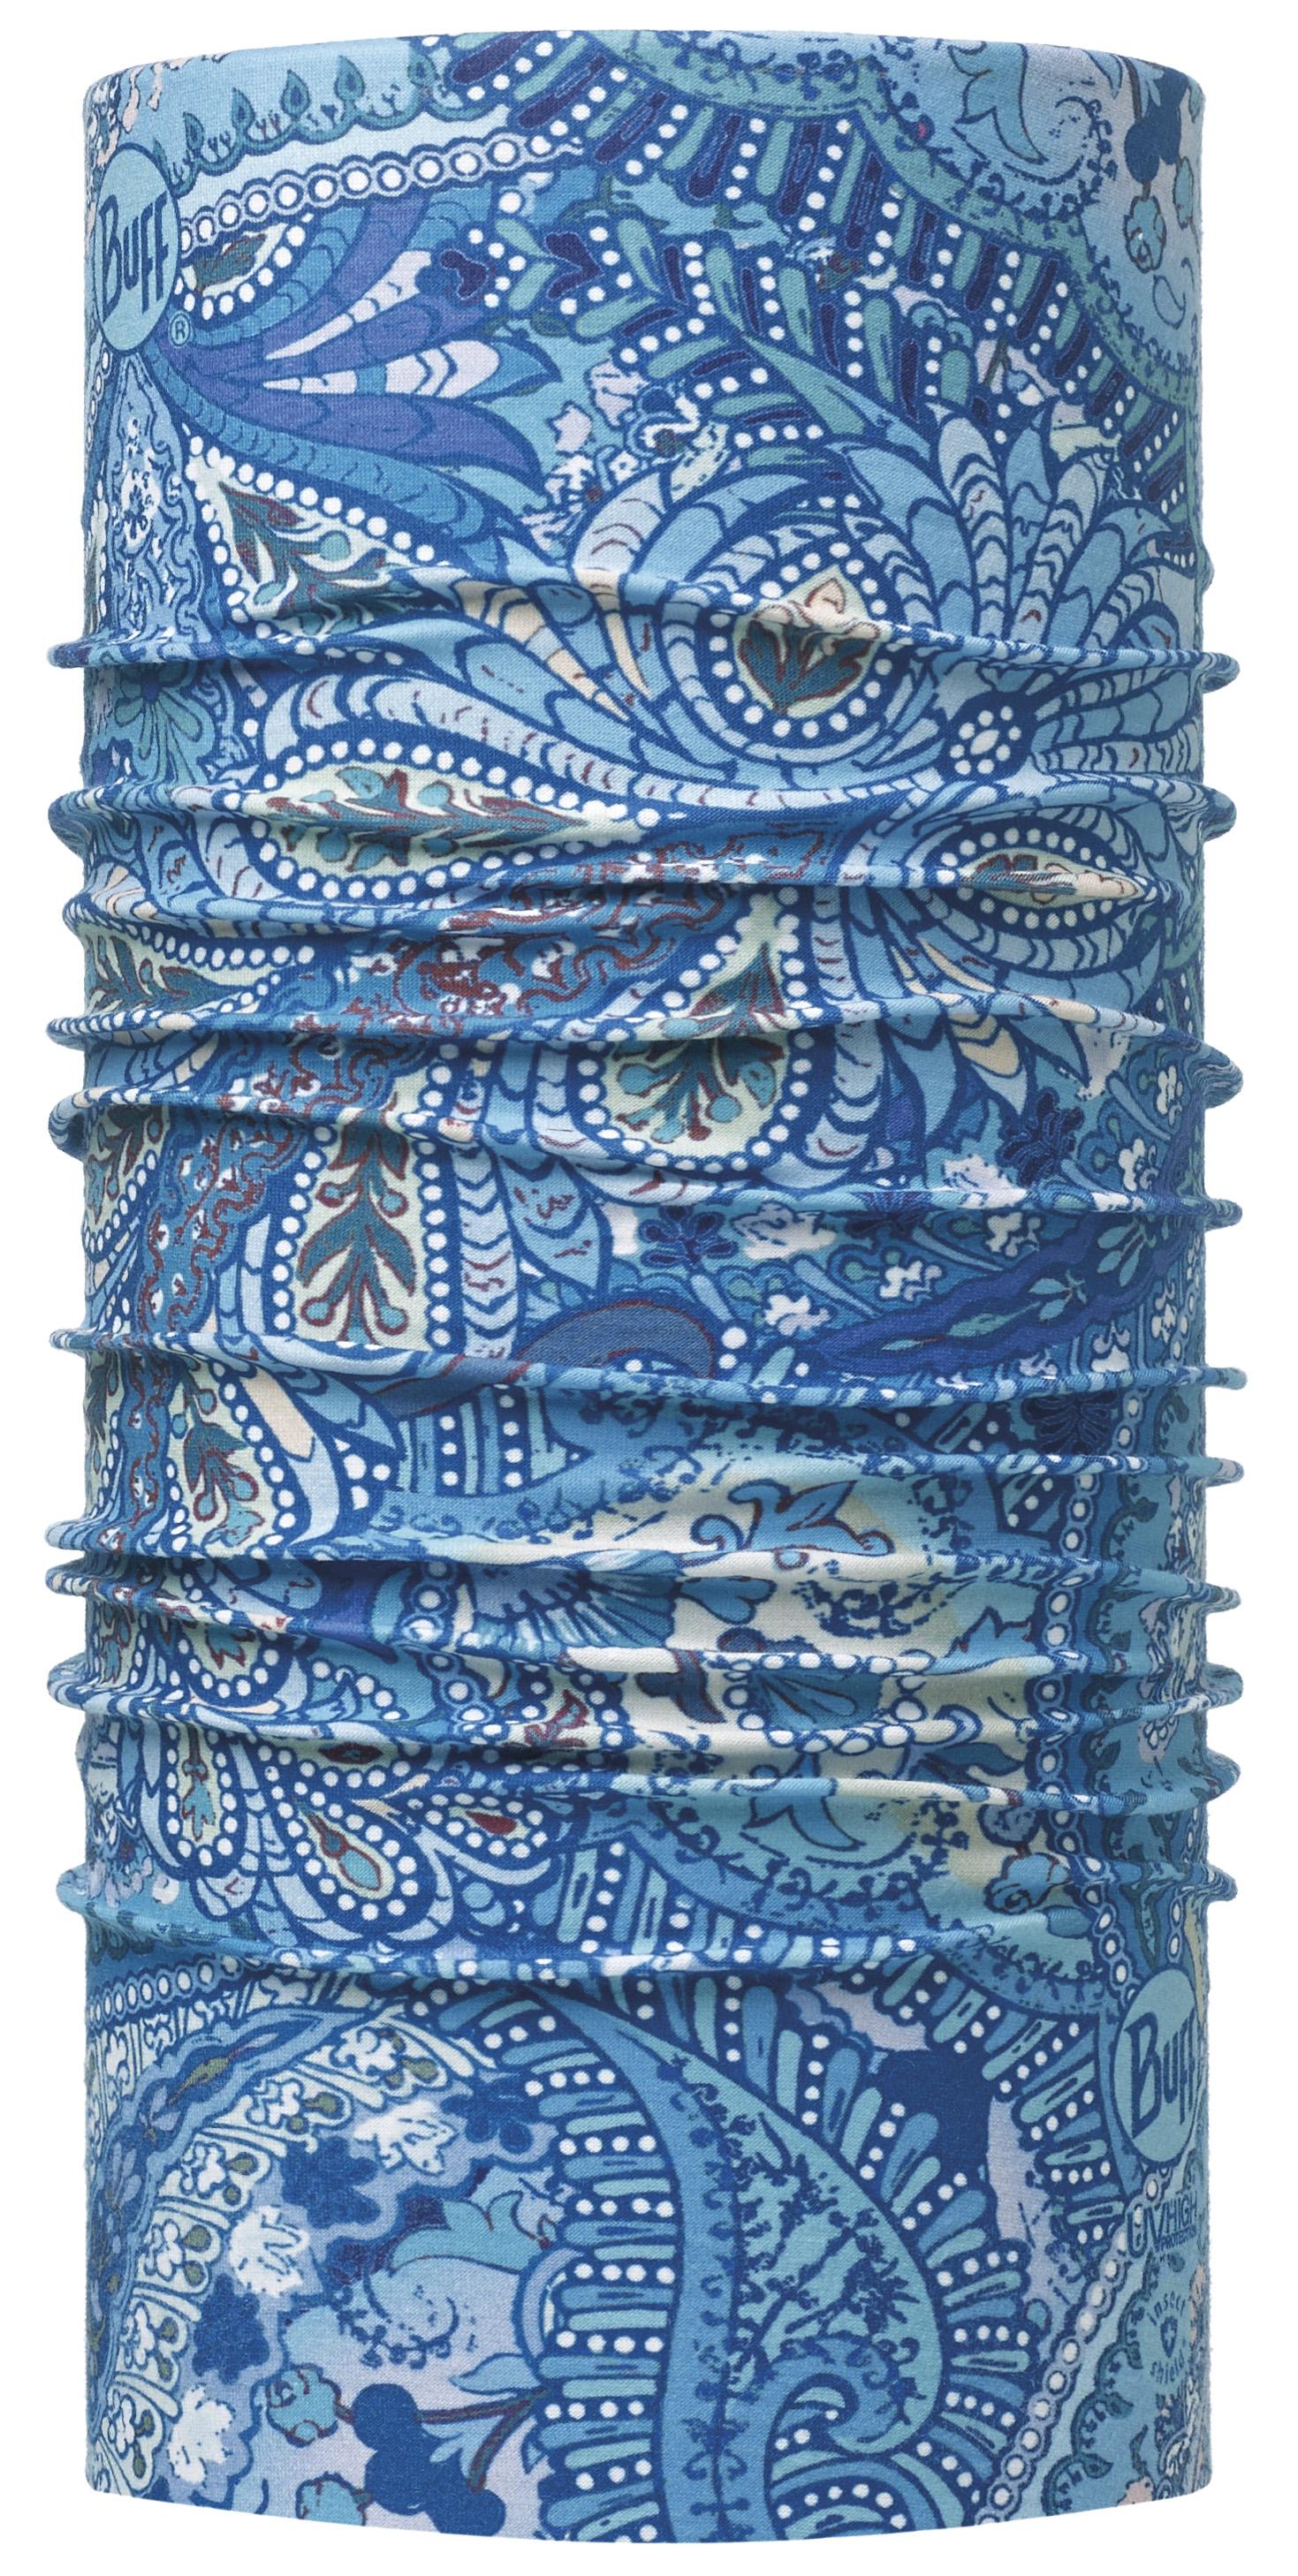 Бандана BUFF HIGH UV PROTECTION BUFFWITH INSECT SHIELD INSECT SHIELD BUFF TEHANNY BLUE, Средства от насекомых - арт. 1004100301